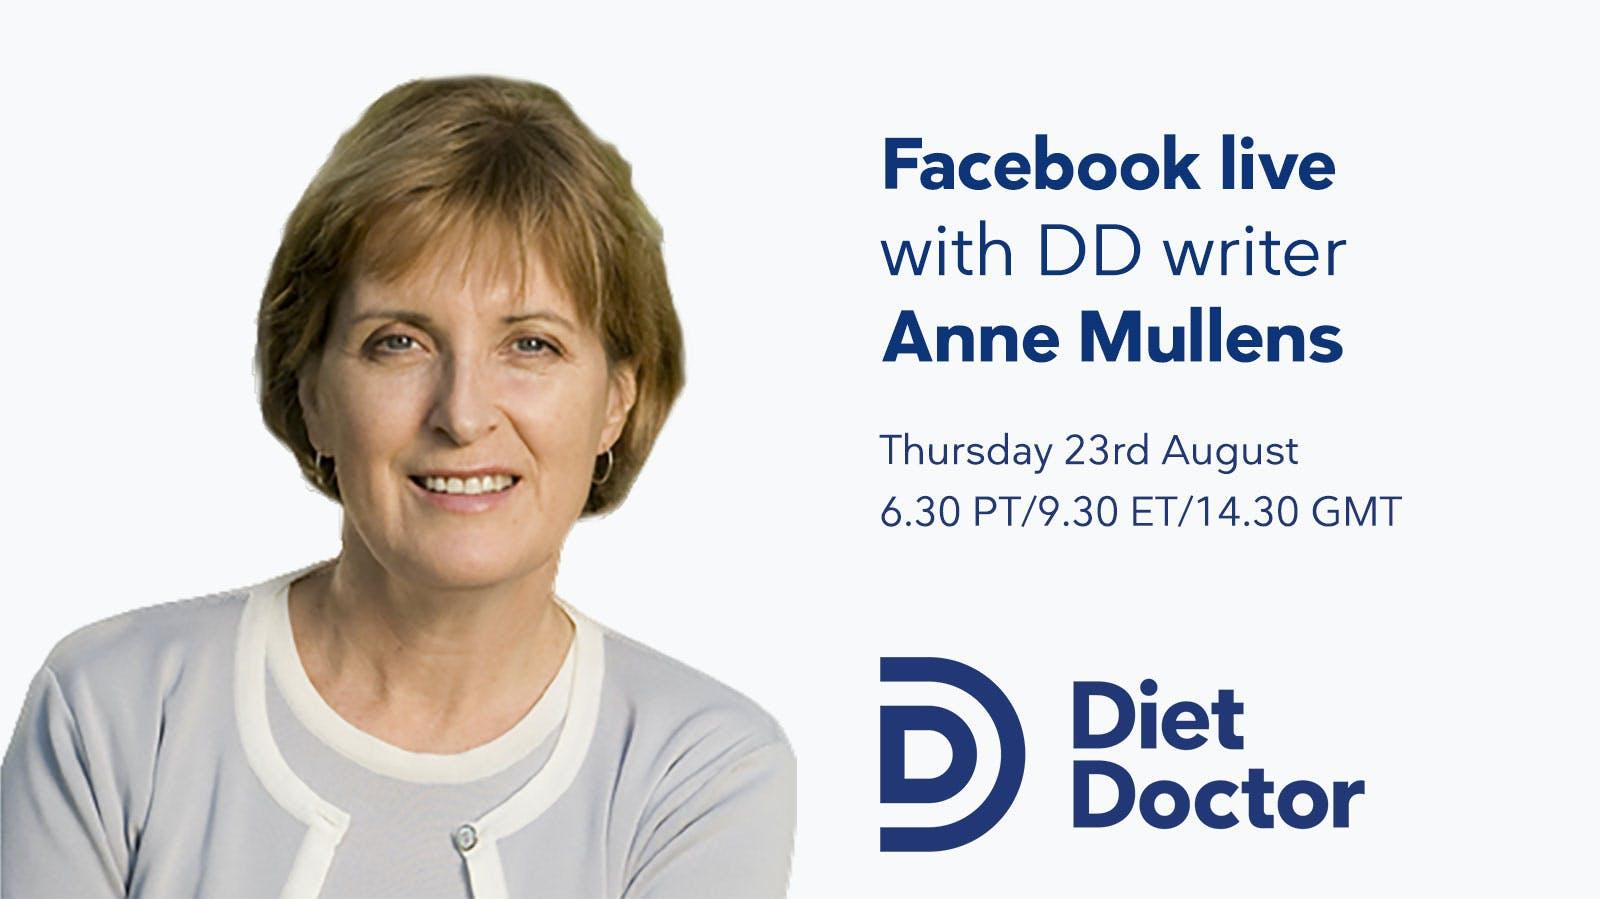 Anne-Mullens-Facebook-live-4